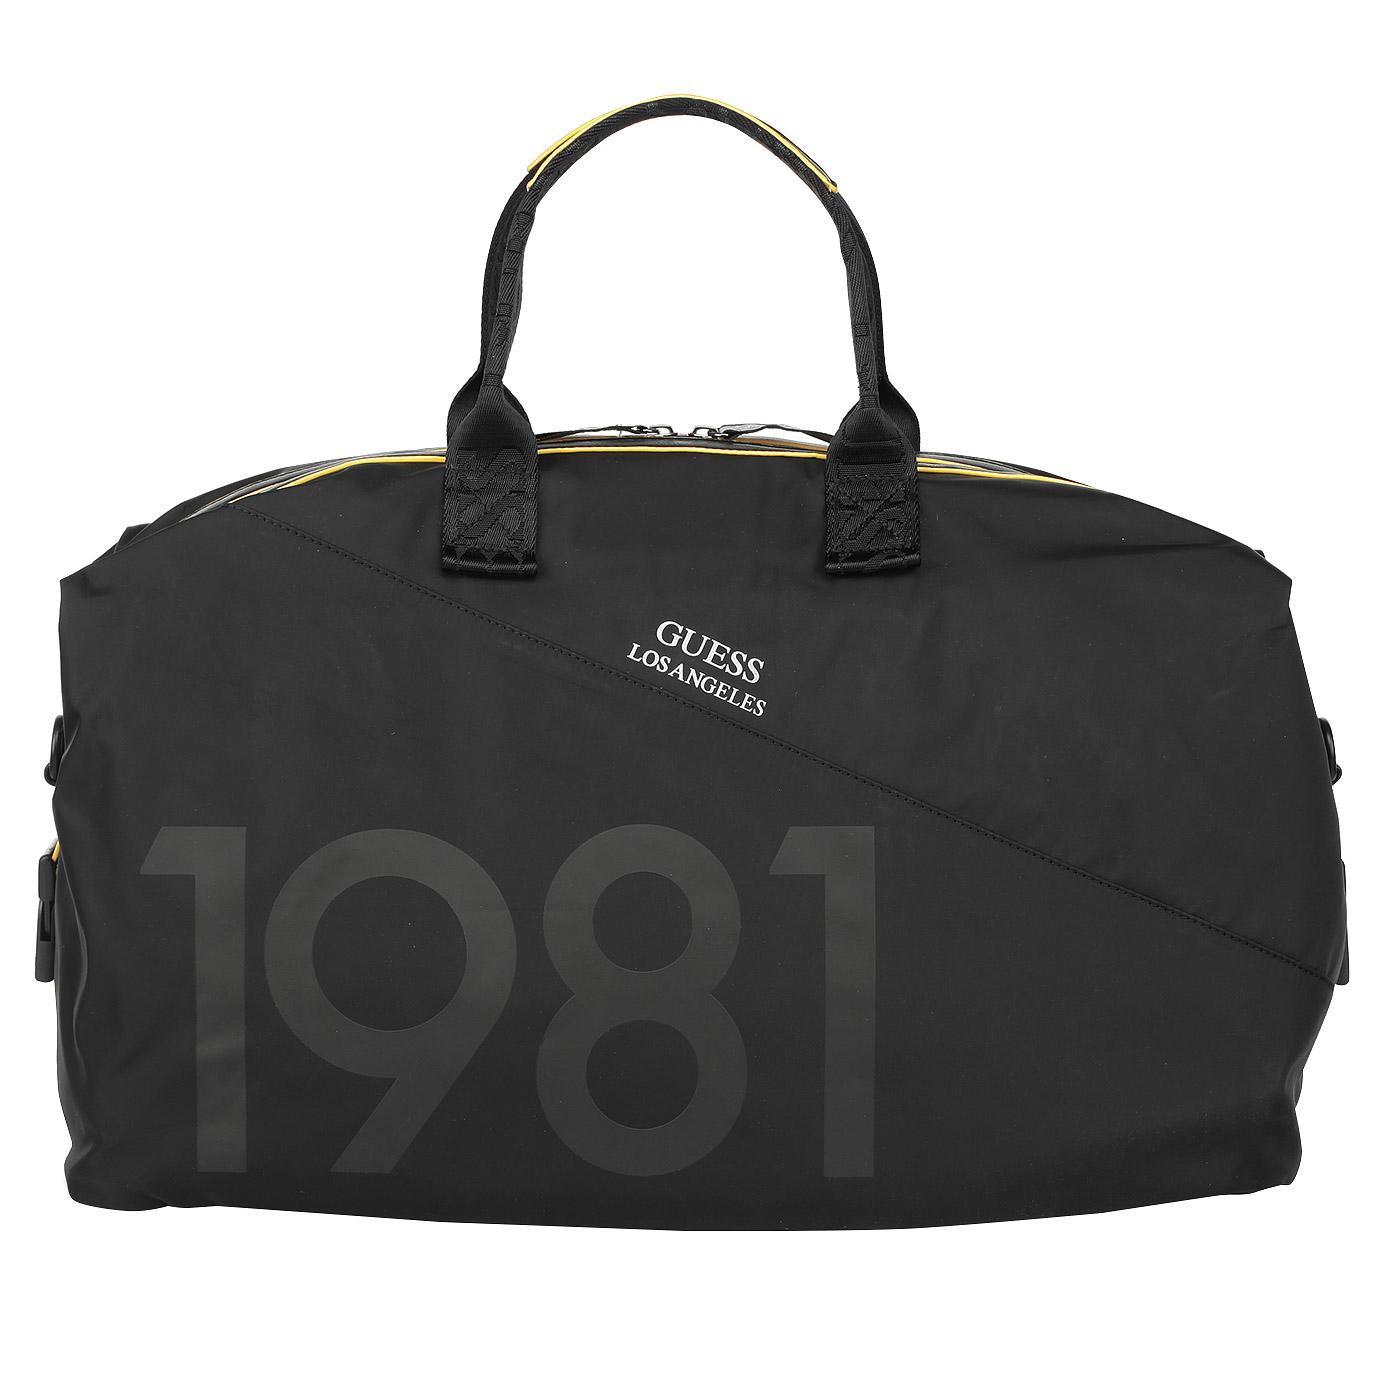 a8282ffc6b79 Мужская дорожная сумка с плечевым ремнем Guess TM6117 NYL73_black ...